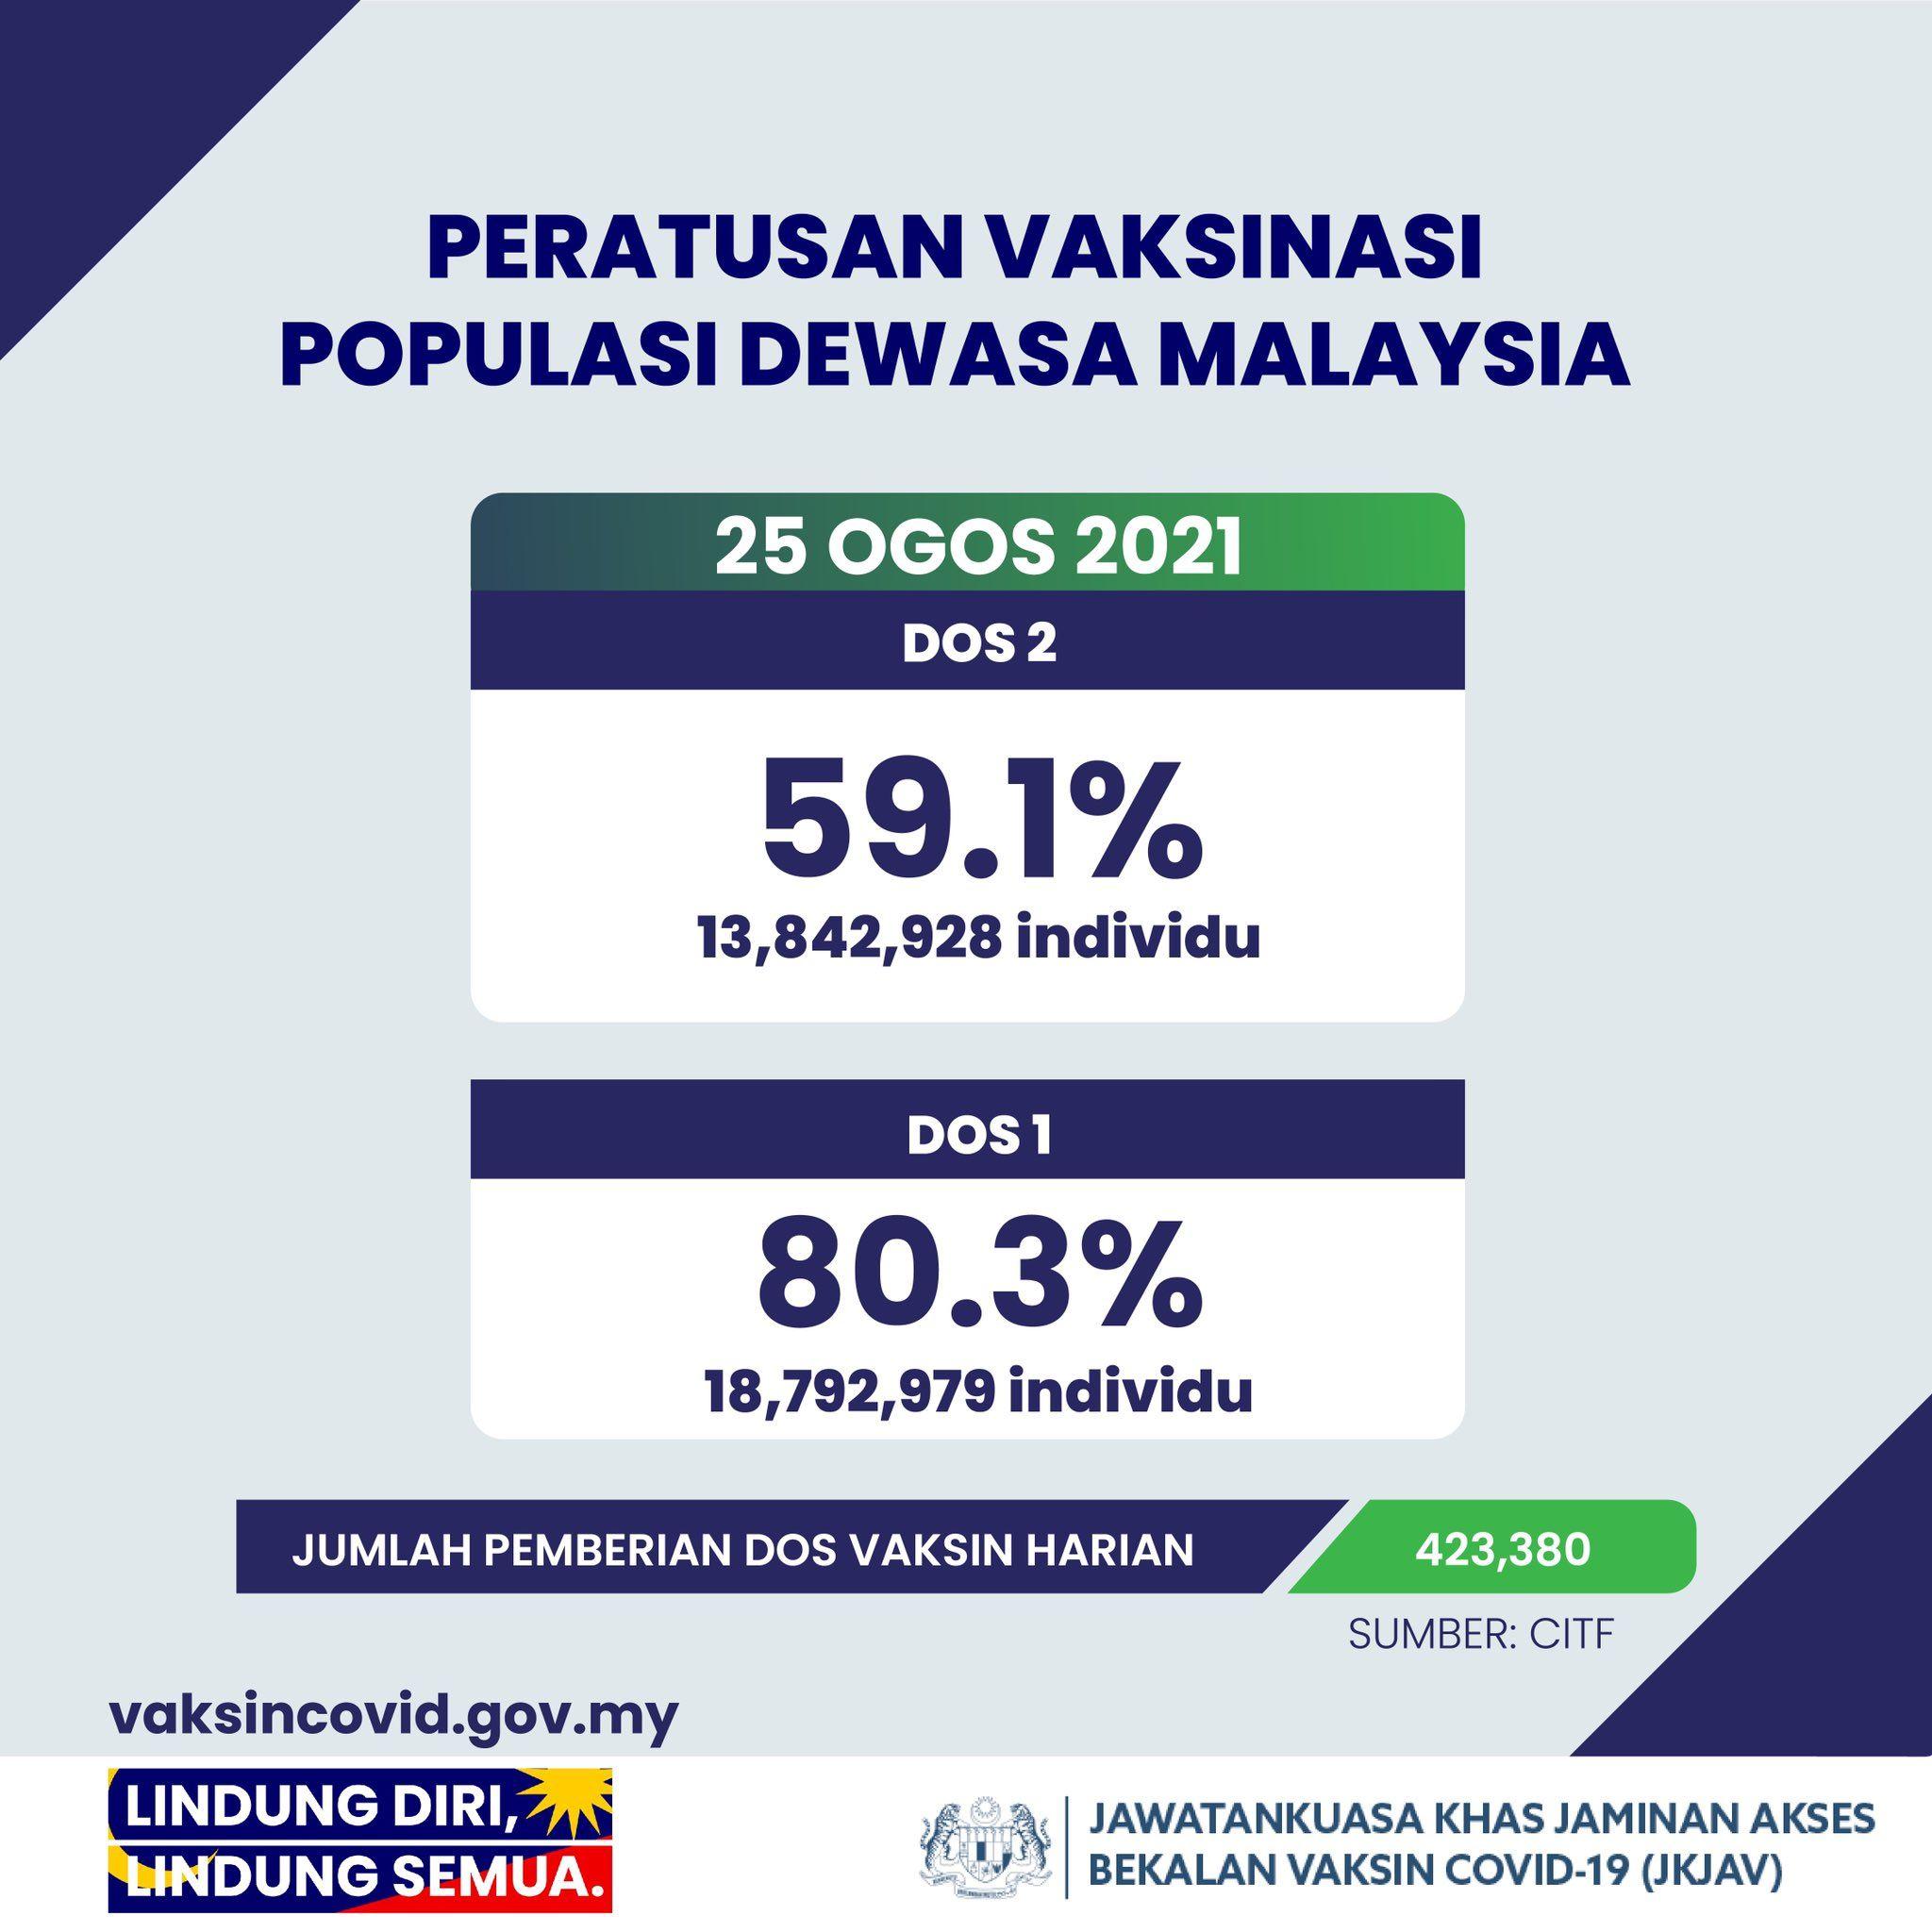 hampir 60 peratus dewasa di malaysia dah lengkap dua dos vaksin covid-19